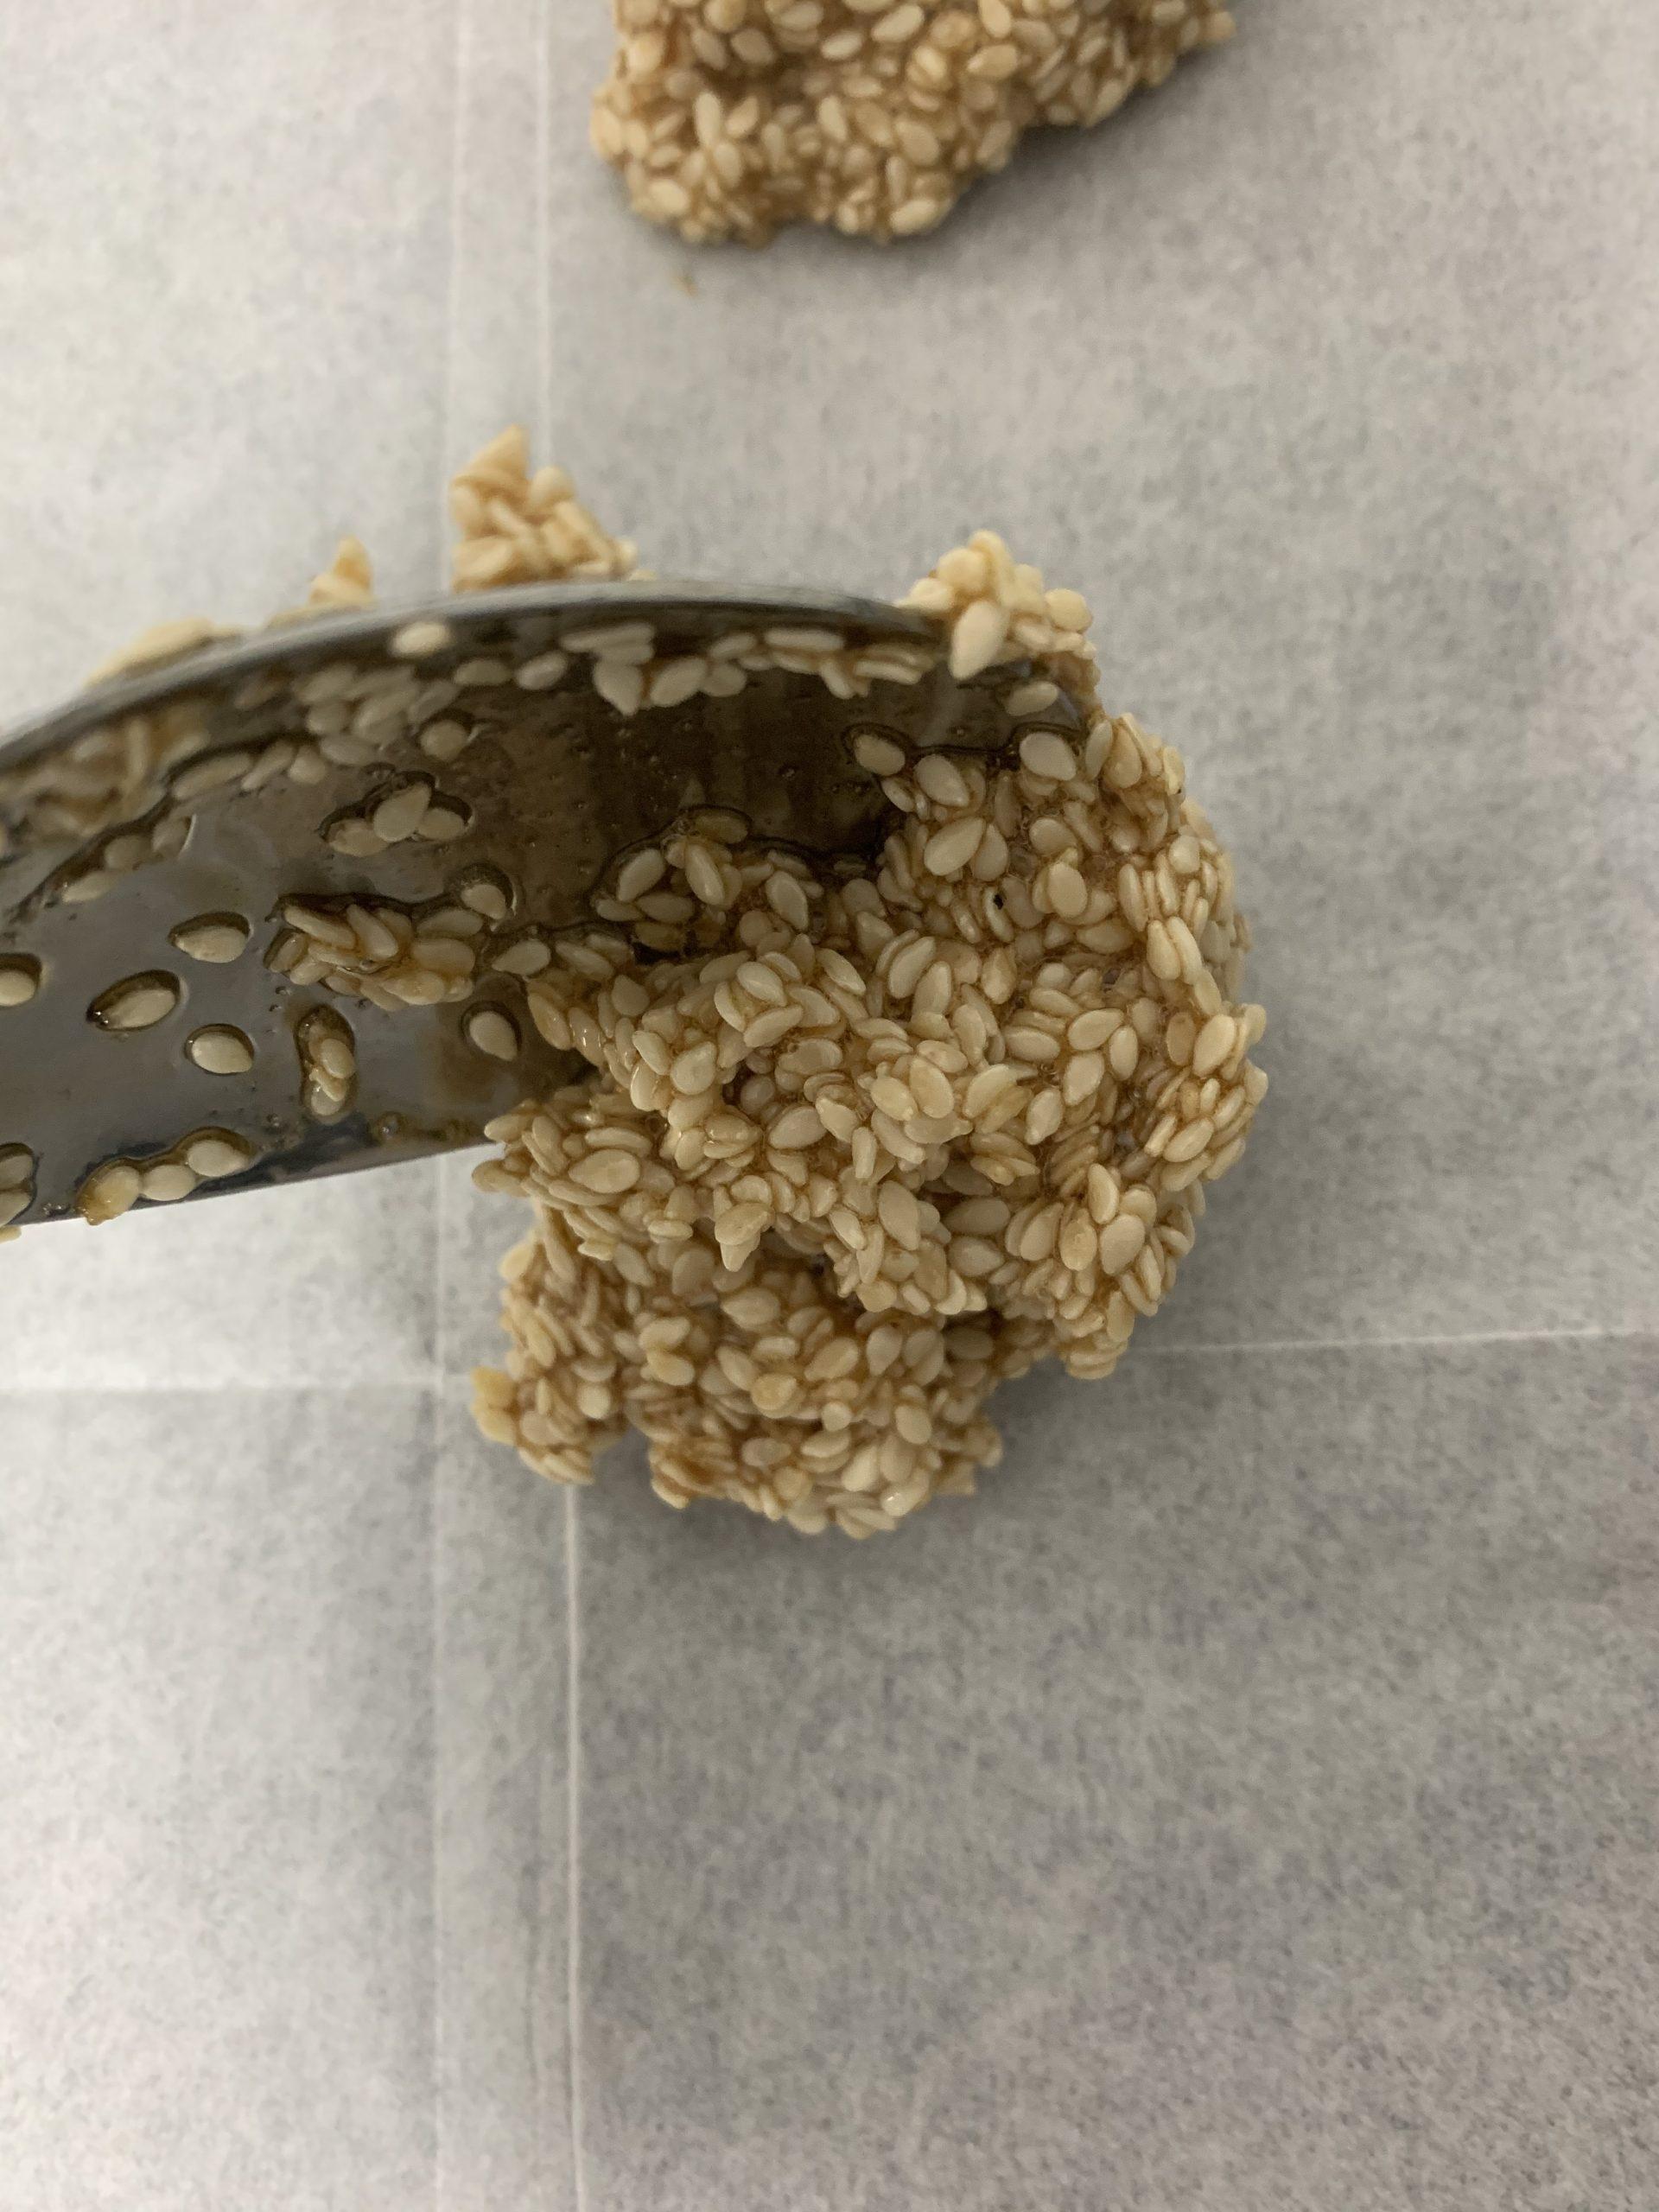 עוגיות שומשום ב-60 שניות   צילום: ספיר דהן